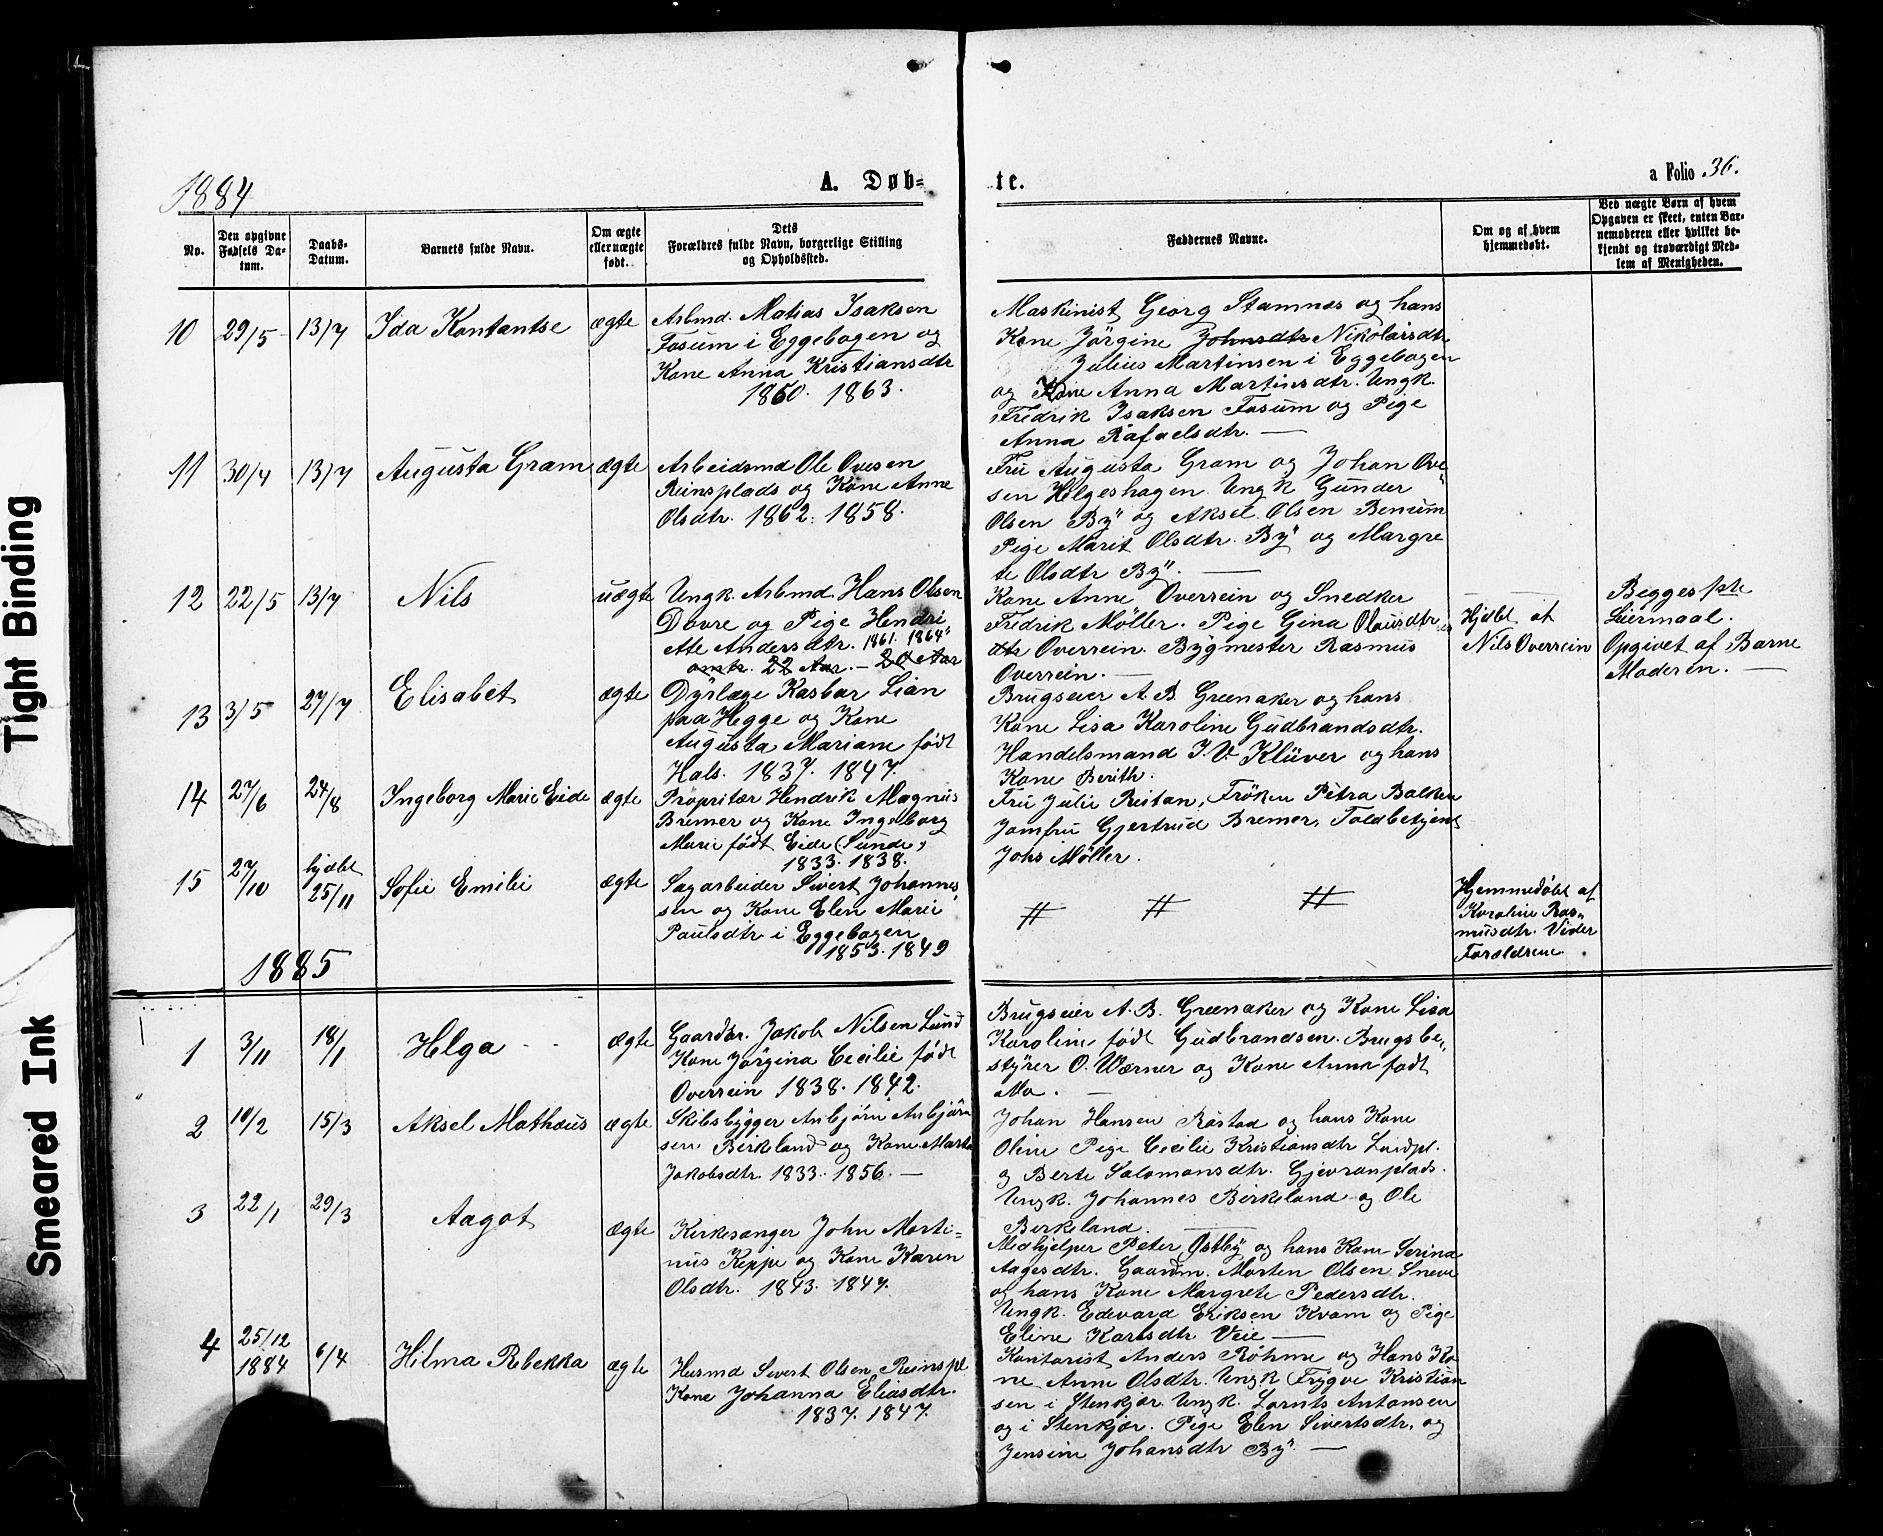 SAT, Ministerialprotokoller, klokkerbøker og fødselsregistre - Nord-Trøndelag, 740/L0380: Klokkerbok nr. 740C01, 1868-1902, s. 36